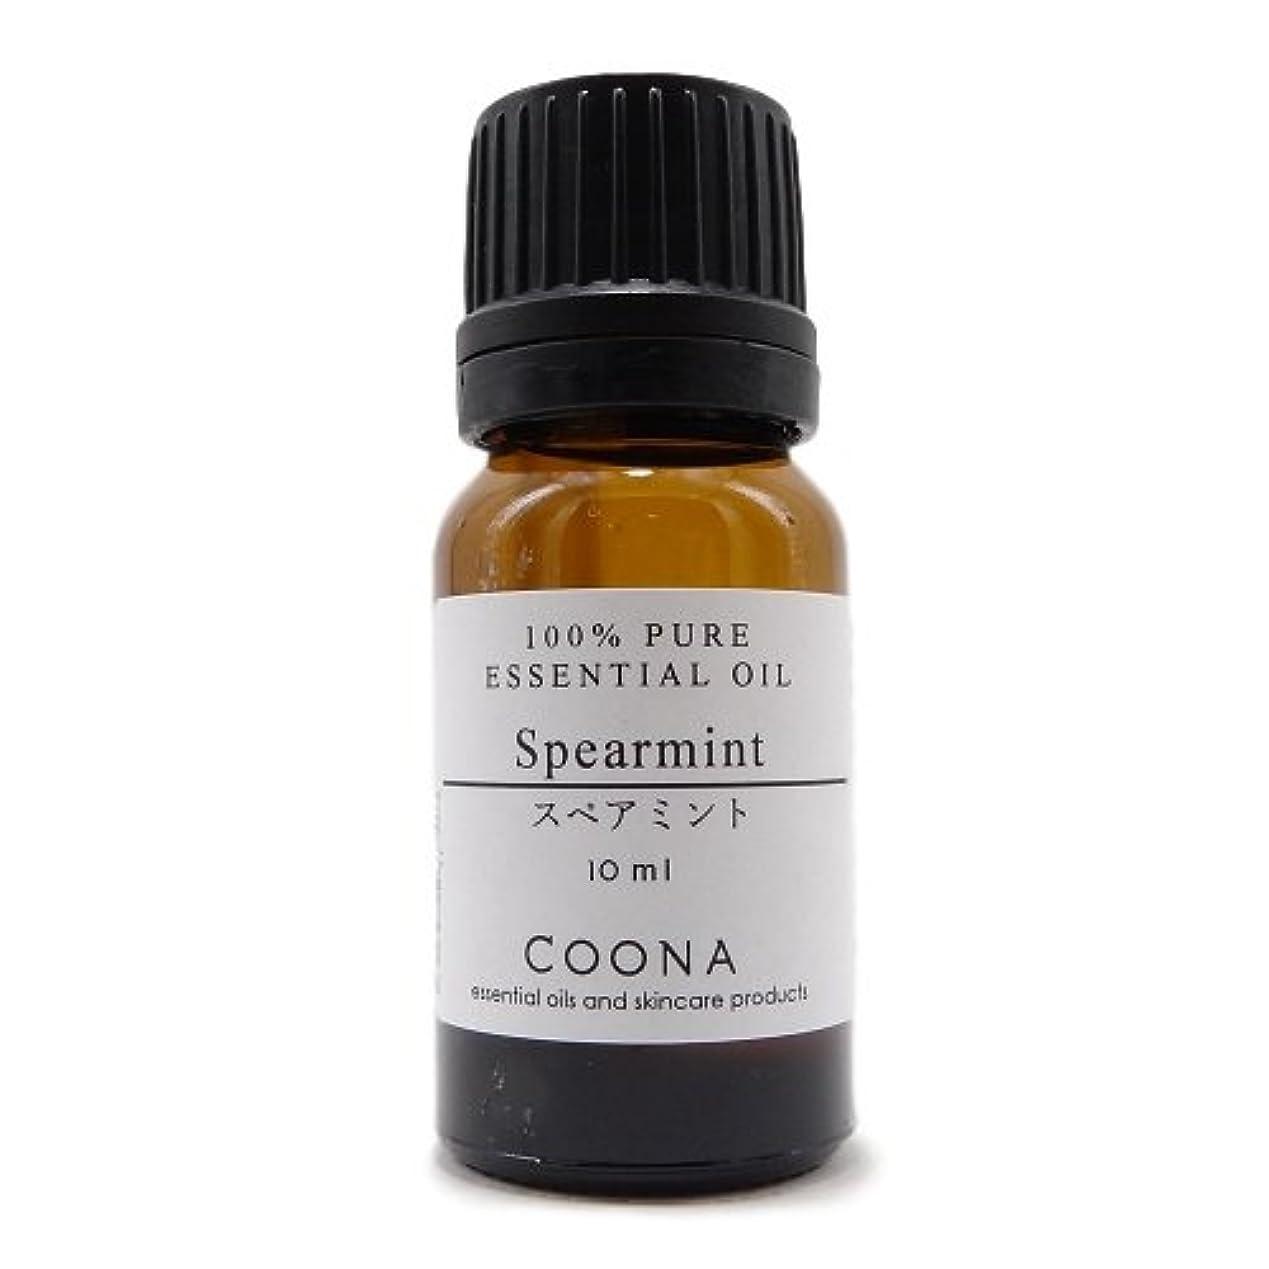 サッカー分類フェリースペアミント 10 ml (COONA エッセンシャルオイル アロマオイル 100%天然植物精油)